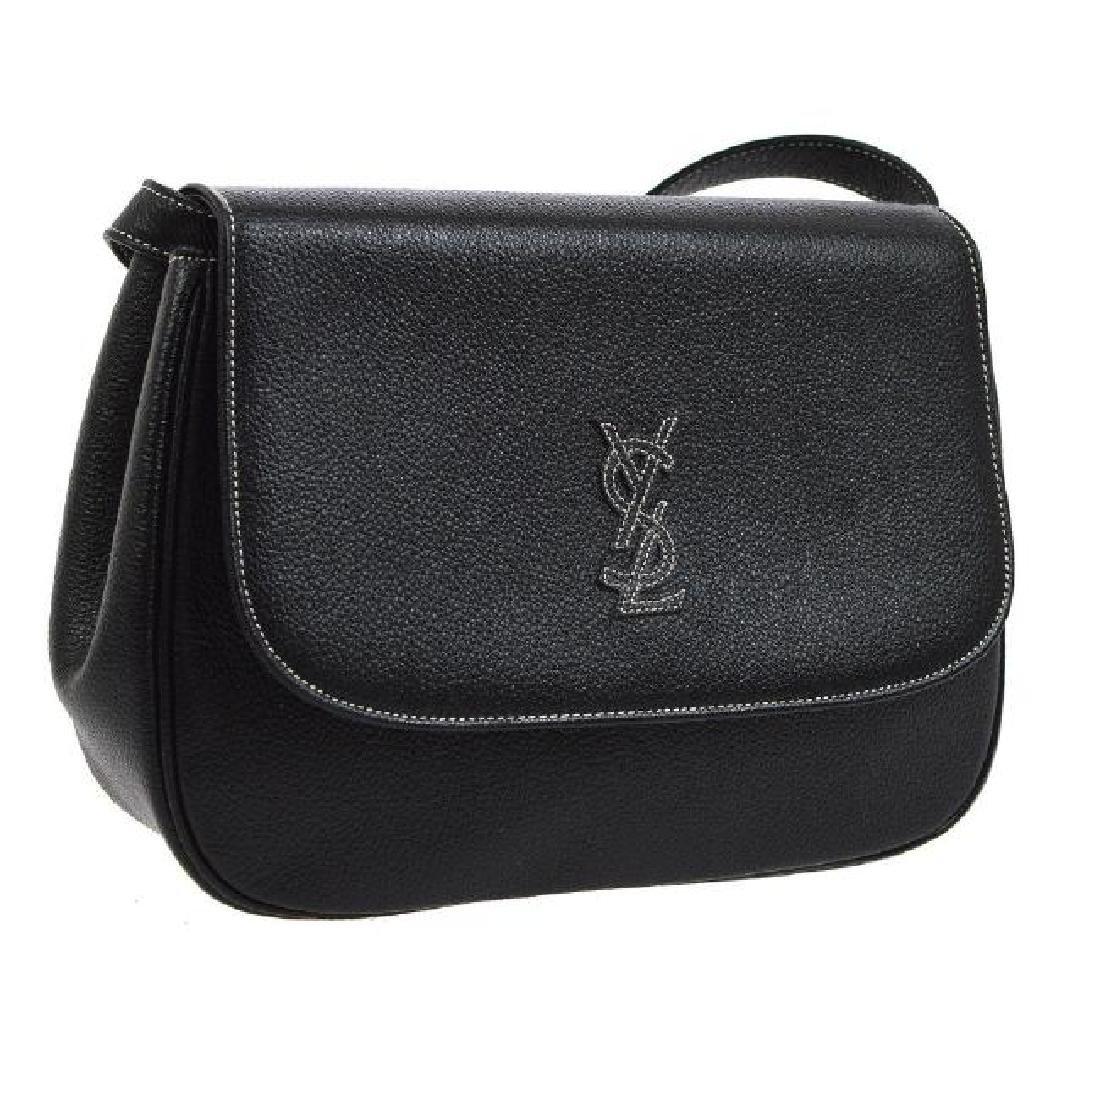 Vintage YSL Cross Body Shoulder Bag: Black